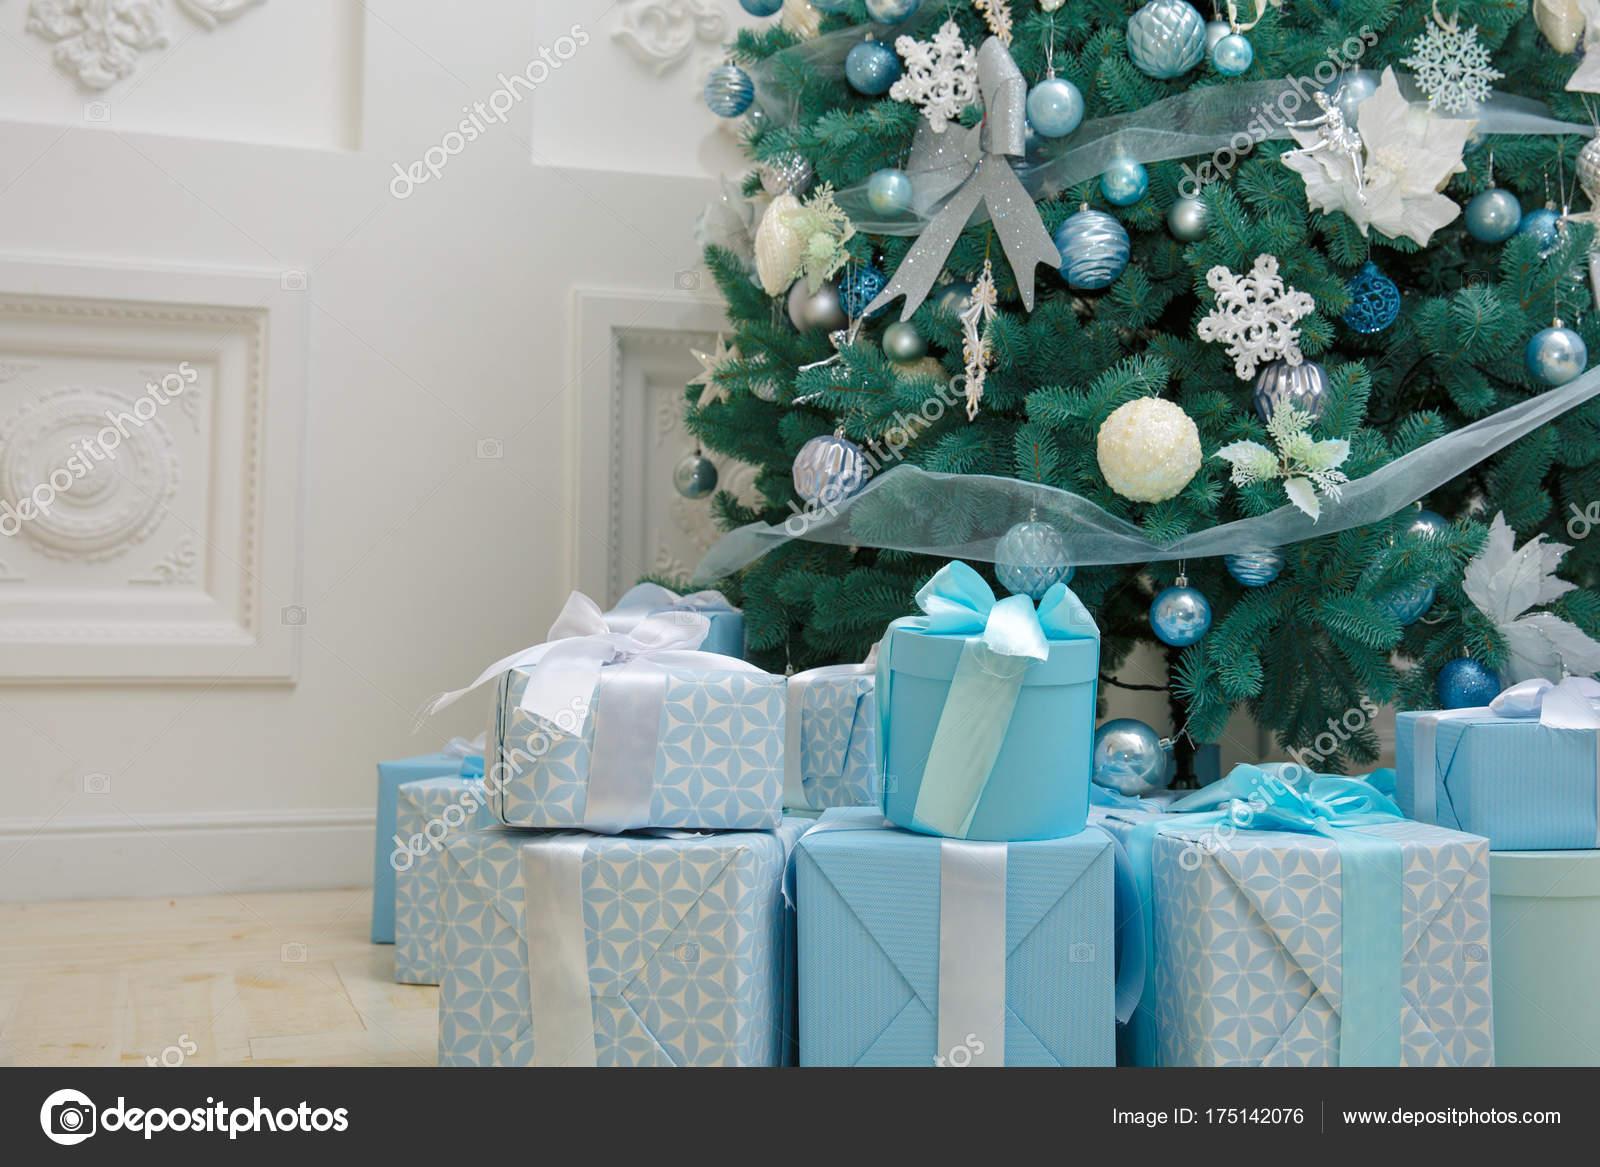 Decorazioni Albero Di Natale Blu : Decorazione albero di natale con i contenitori di regalo blu